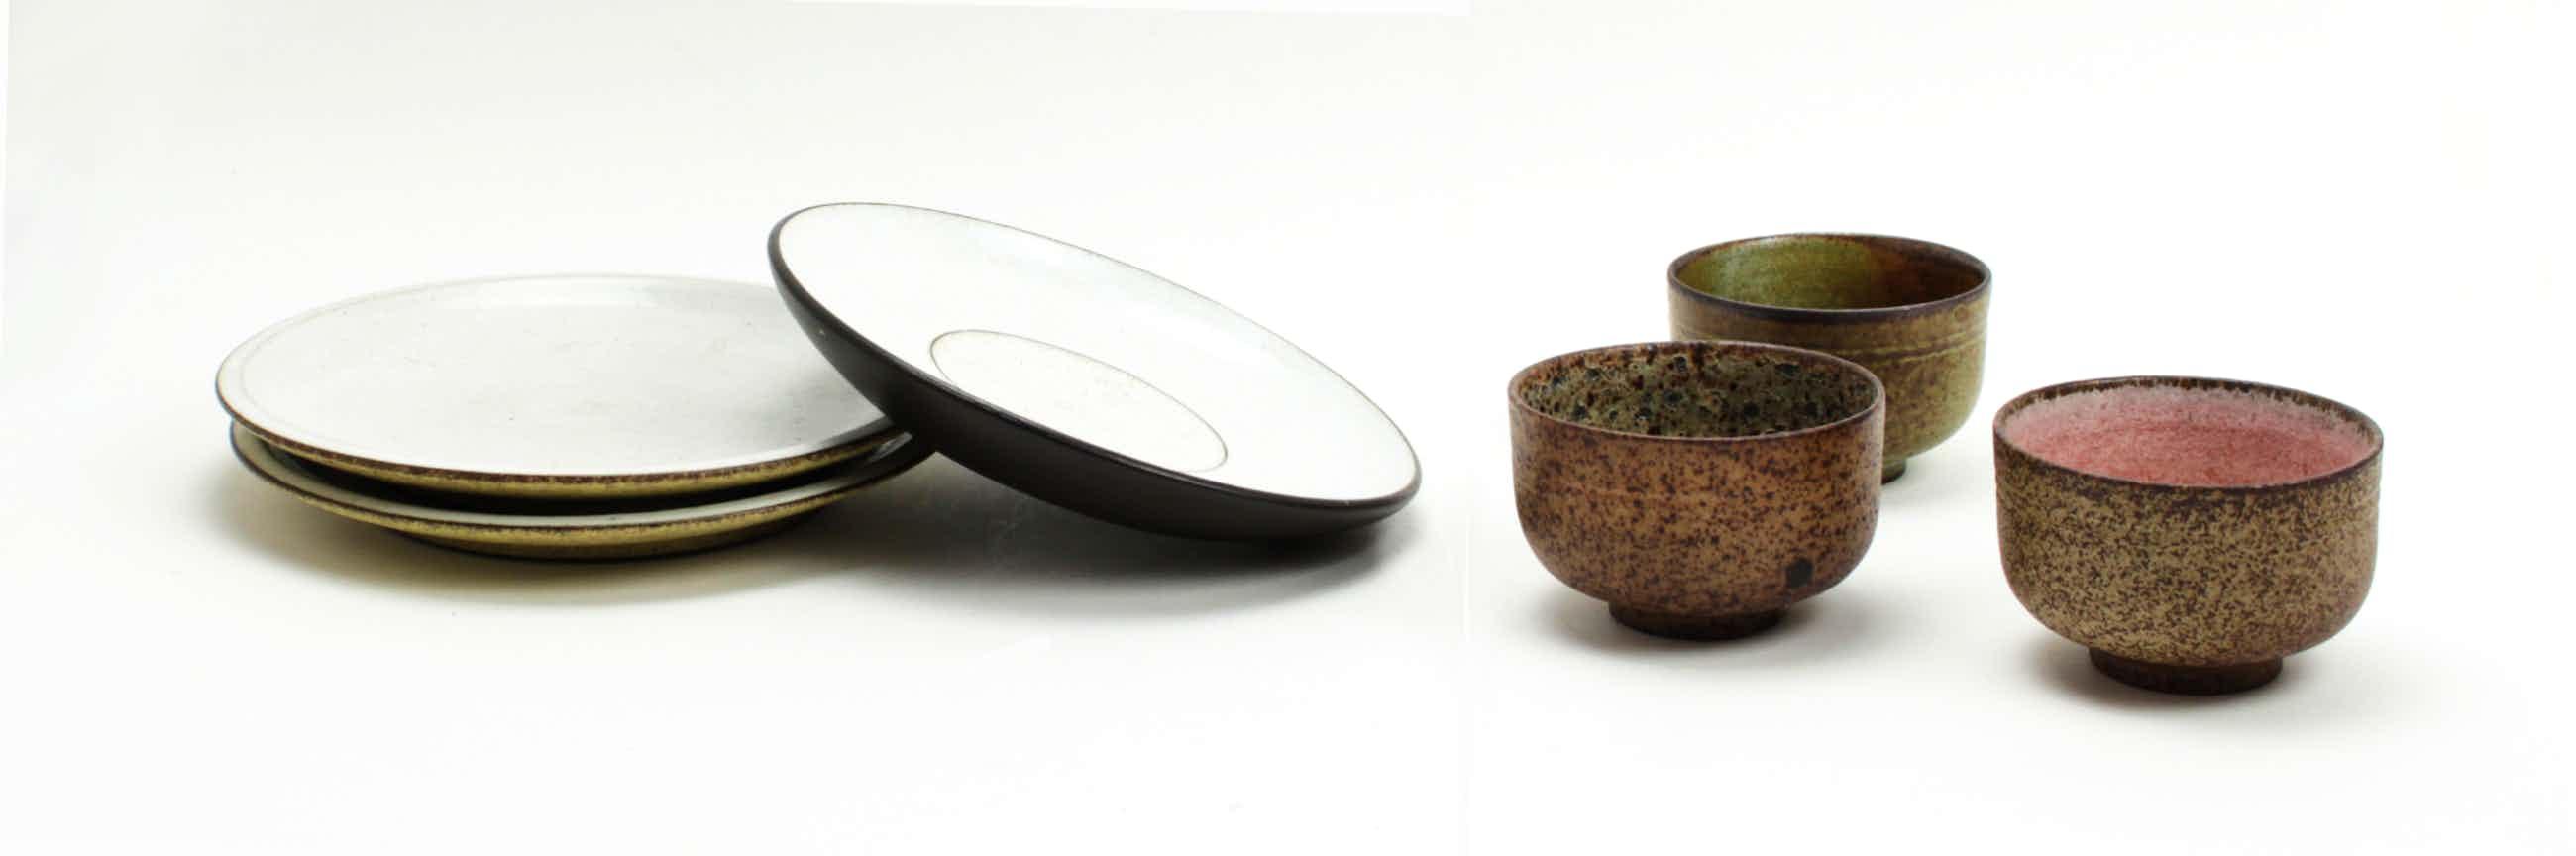 Potterij Zaalberg - 2 borden + 1 schotel + 3 kommetjes kopen? Bied vanaf 25!